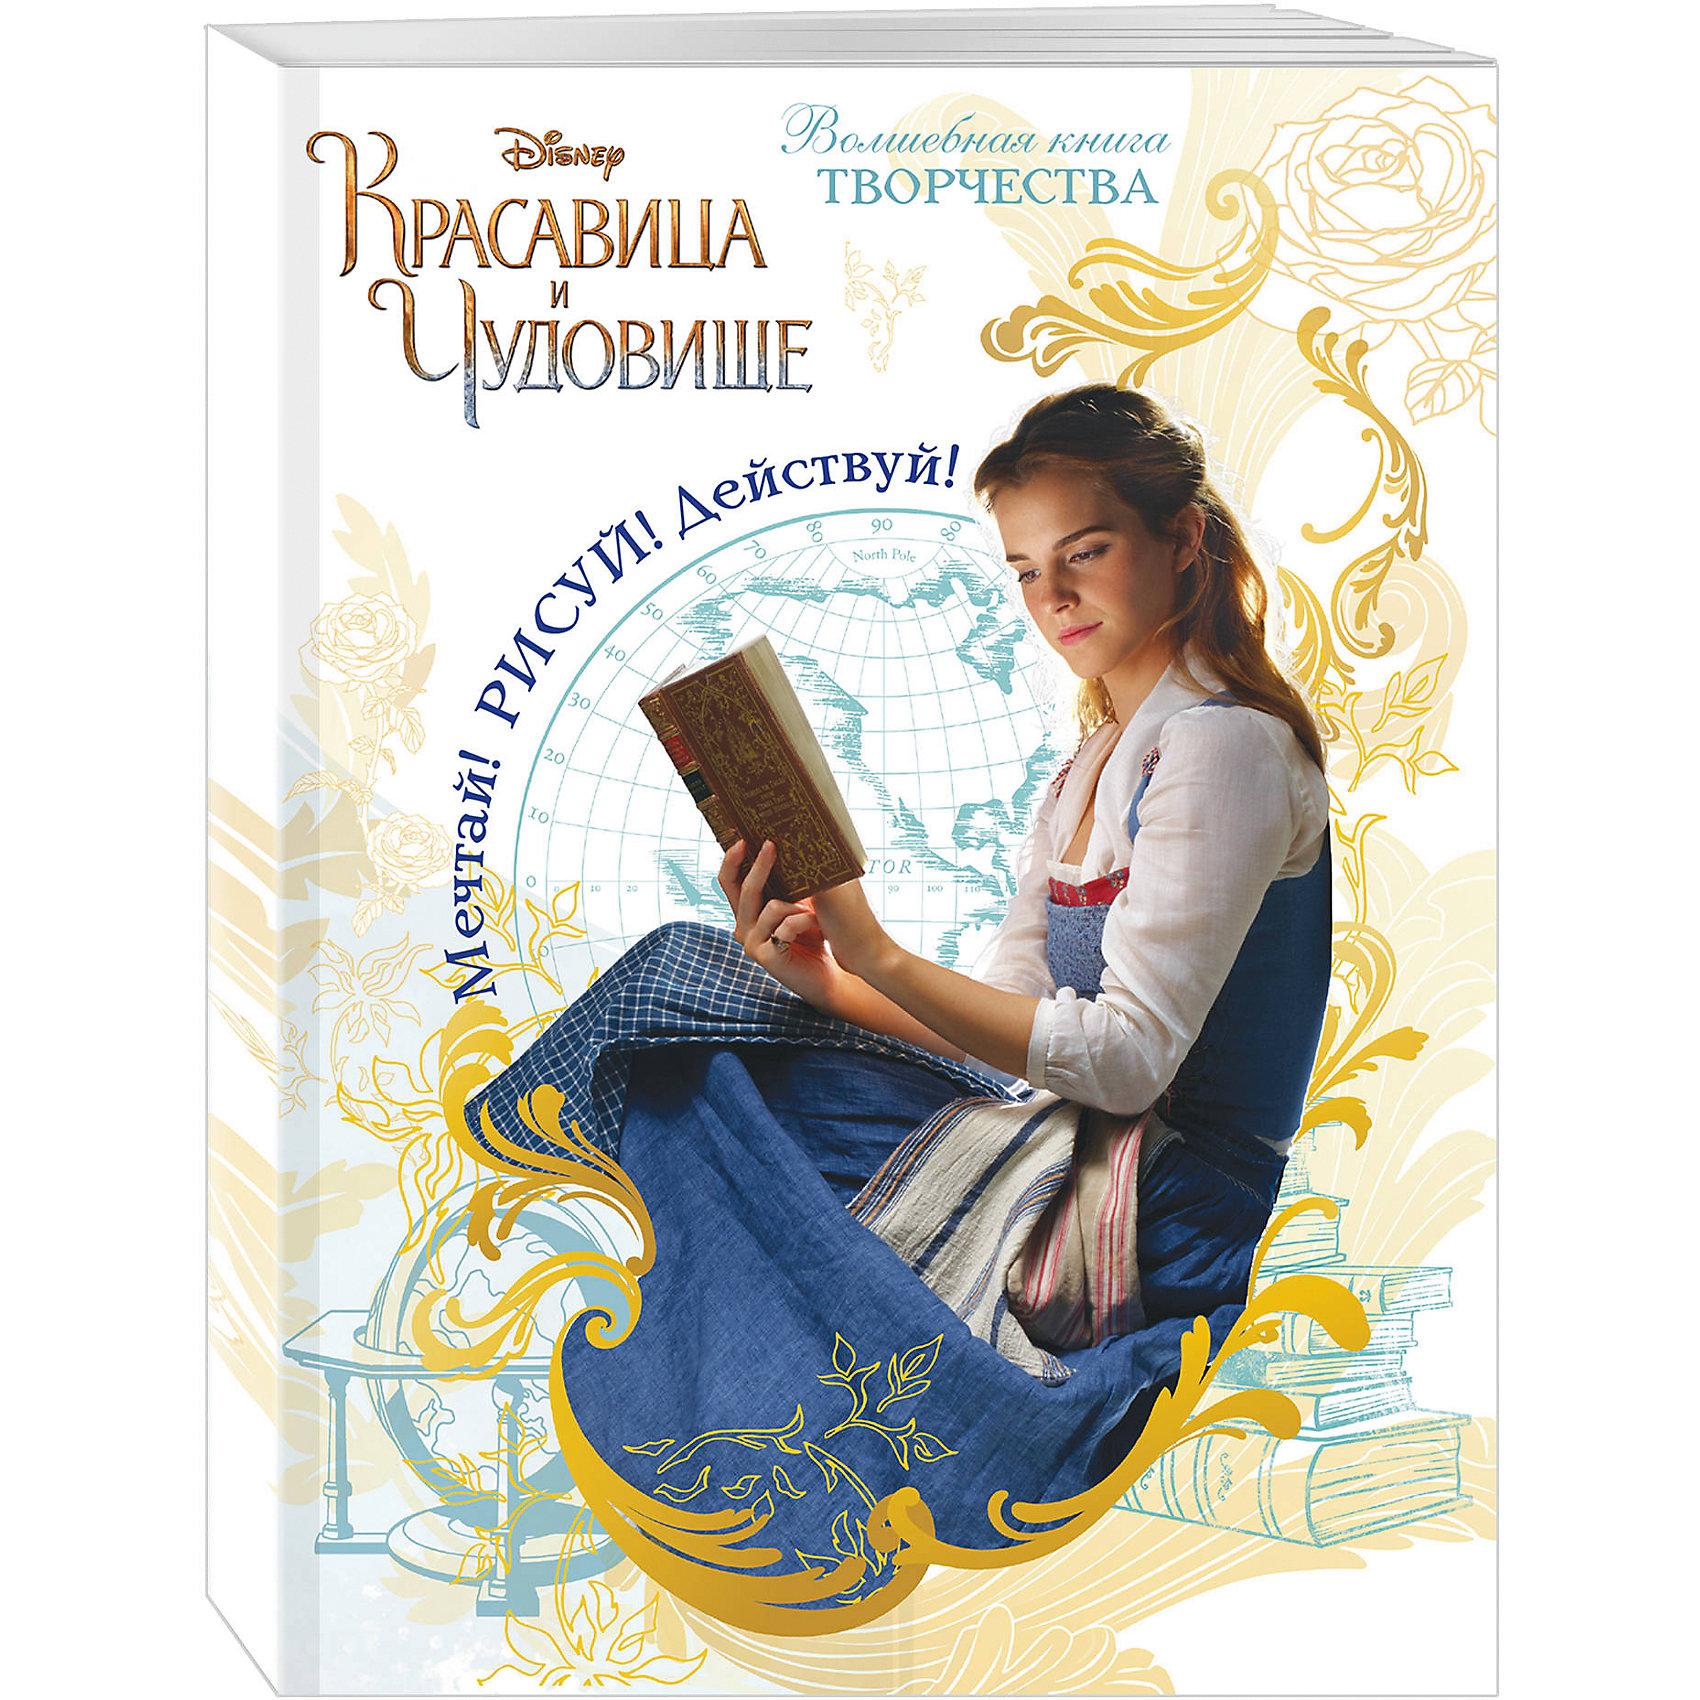 Мечтай! Рисуй! Действуй! Волшебная книга творчестваРаскраски по номерам<br>Эта замечательная книга для творчества подарит любой девочке возможность самой создать - дорисовать и оживить с помощью красок - заколдованный мир Белль и Чудовища. И так же, как в мире Красавицы и Чудовища, в этой книге  настоящая красота скрывается внутри, и чтобы сделать ее видимой, нужны воображение, карандаши и фломастеры.<br><br>Ширина мм: 260<br>Глубина мм: 200<br>Высота мм: 10<br>Вес г: 195<br>Возраст от месяцев: 72<br>Возраст до месяцев: 120<br>Пол: Унисекс<br>Возраст: Детский<br>SKU: 6878009